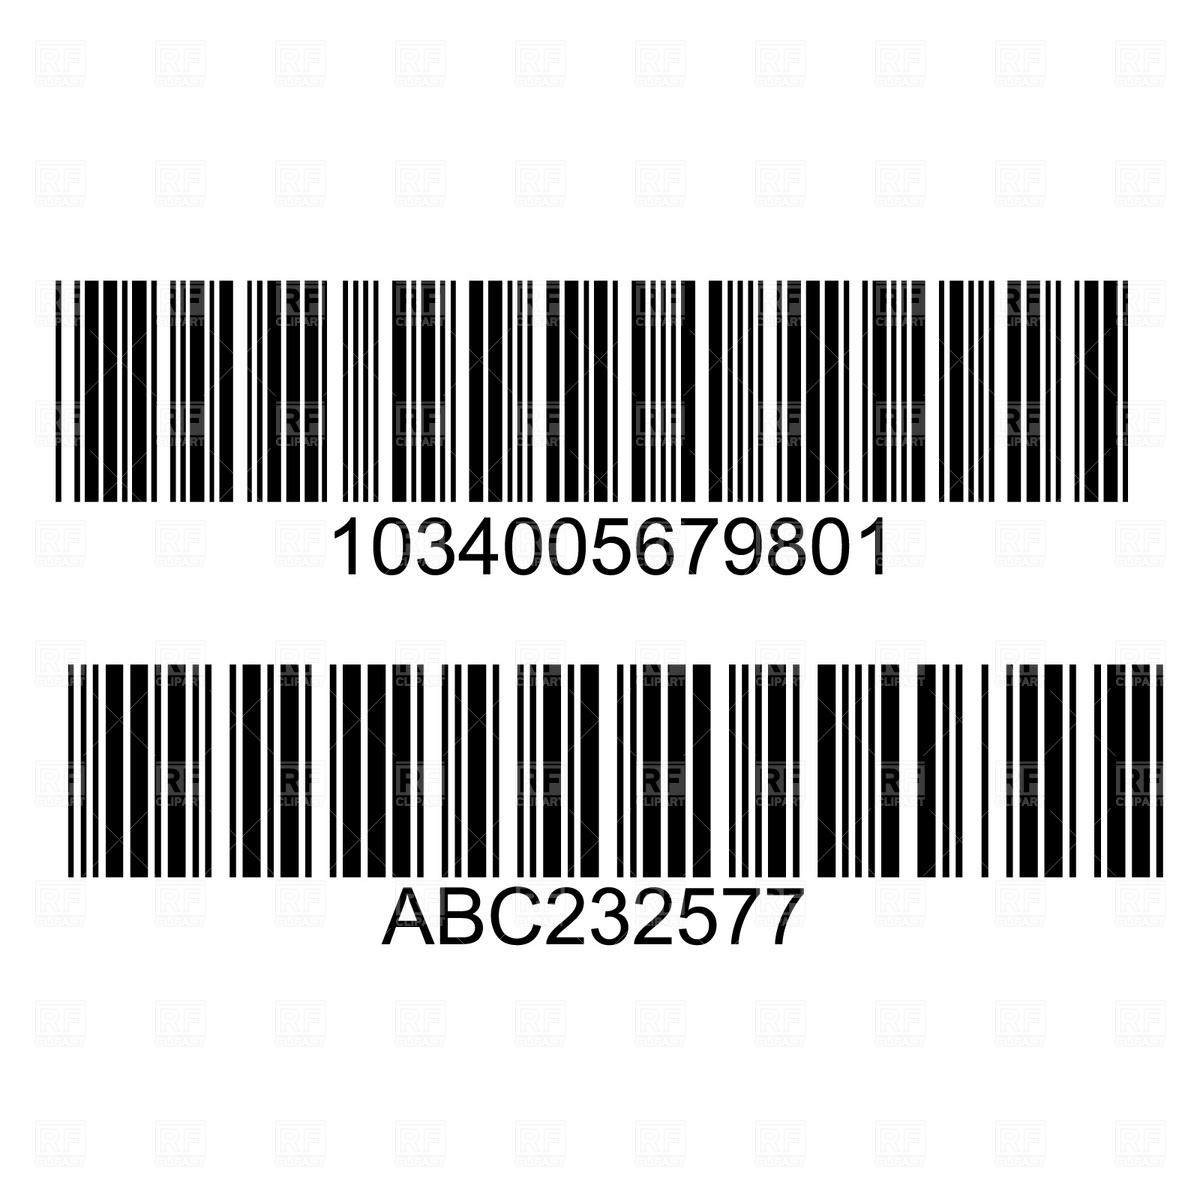 Bar Code Clipart - Clipart Kid